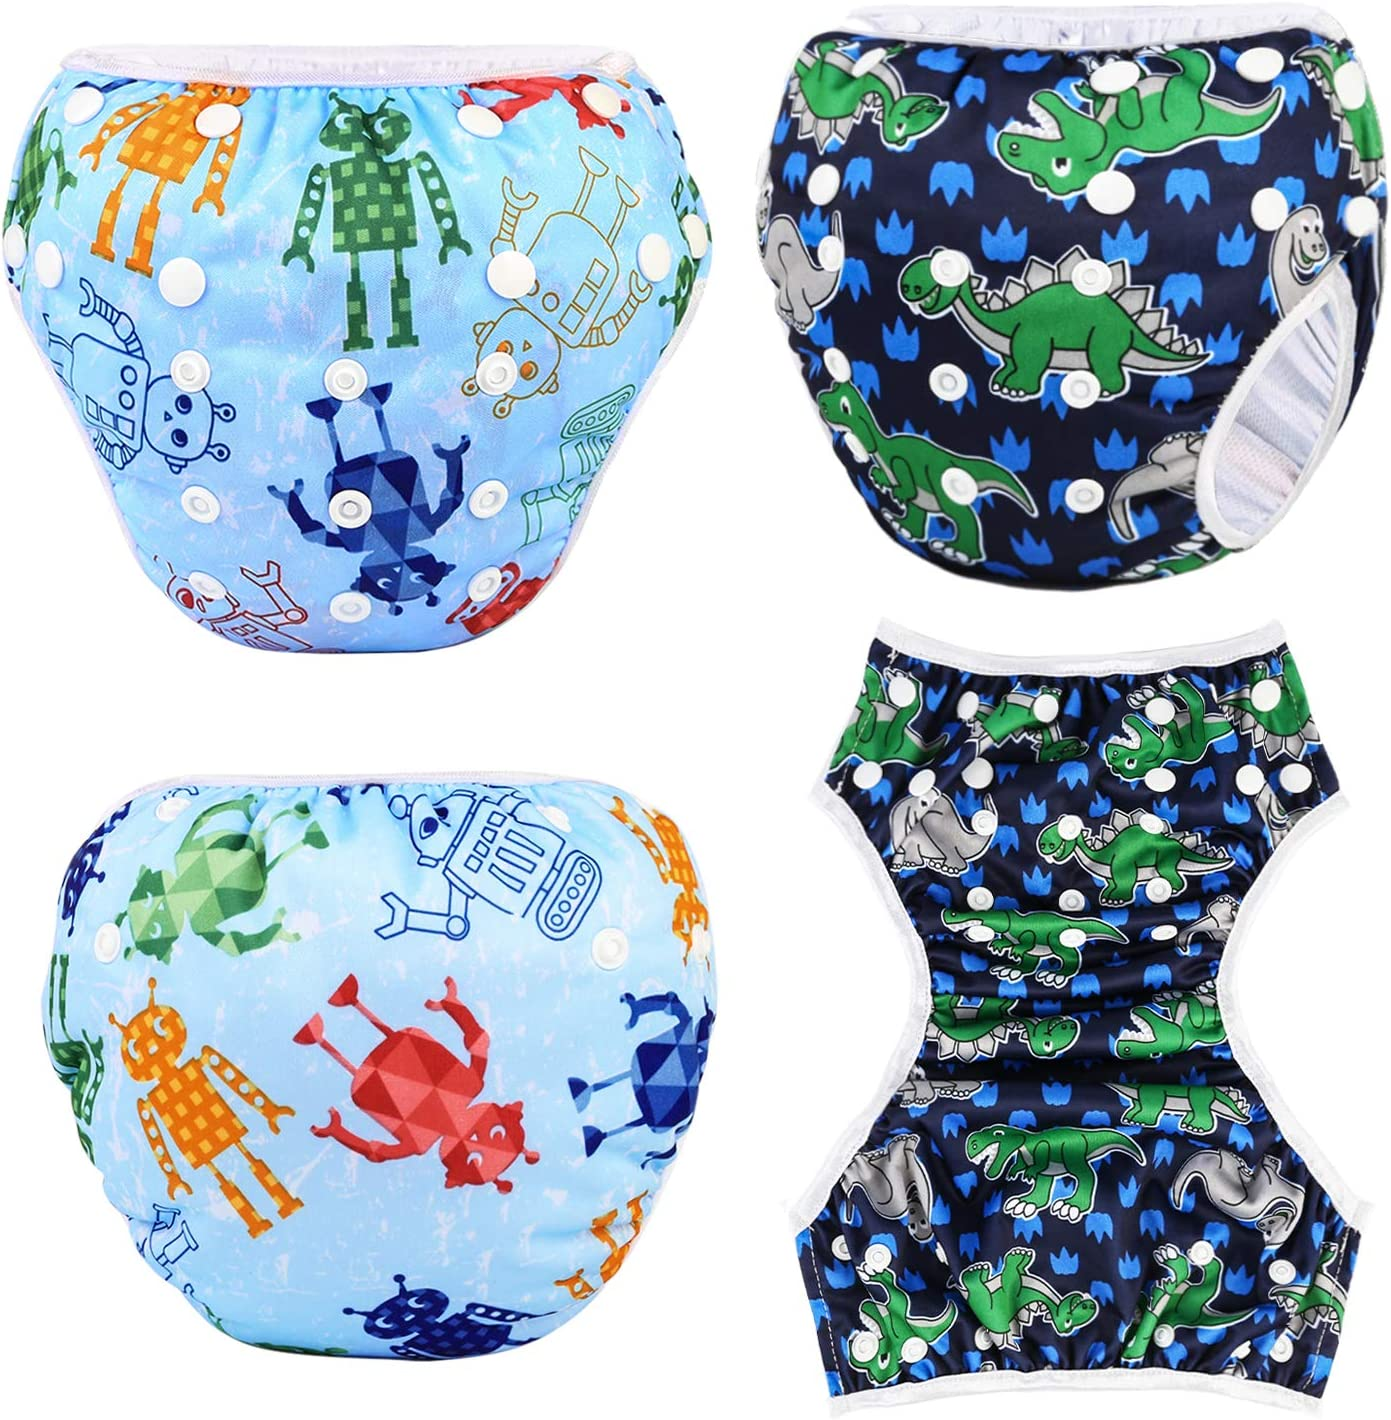 Phogary Schwimmwindeln Dinosaurier+Roboter 2er-Pack wiederverwendbare Baby-Schwimmwindel f/ür Babys von 0 bis 3 Jahren perfekt f/ür Duschen Strand- und Schwimmstunden Gewicht 3 bis 15 kg